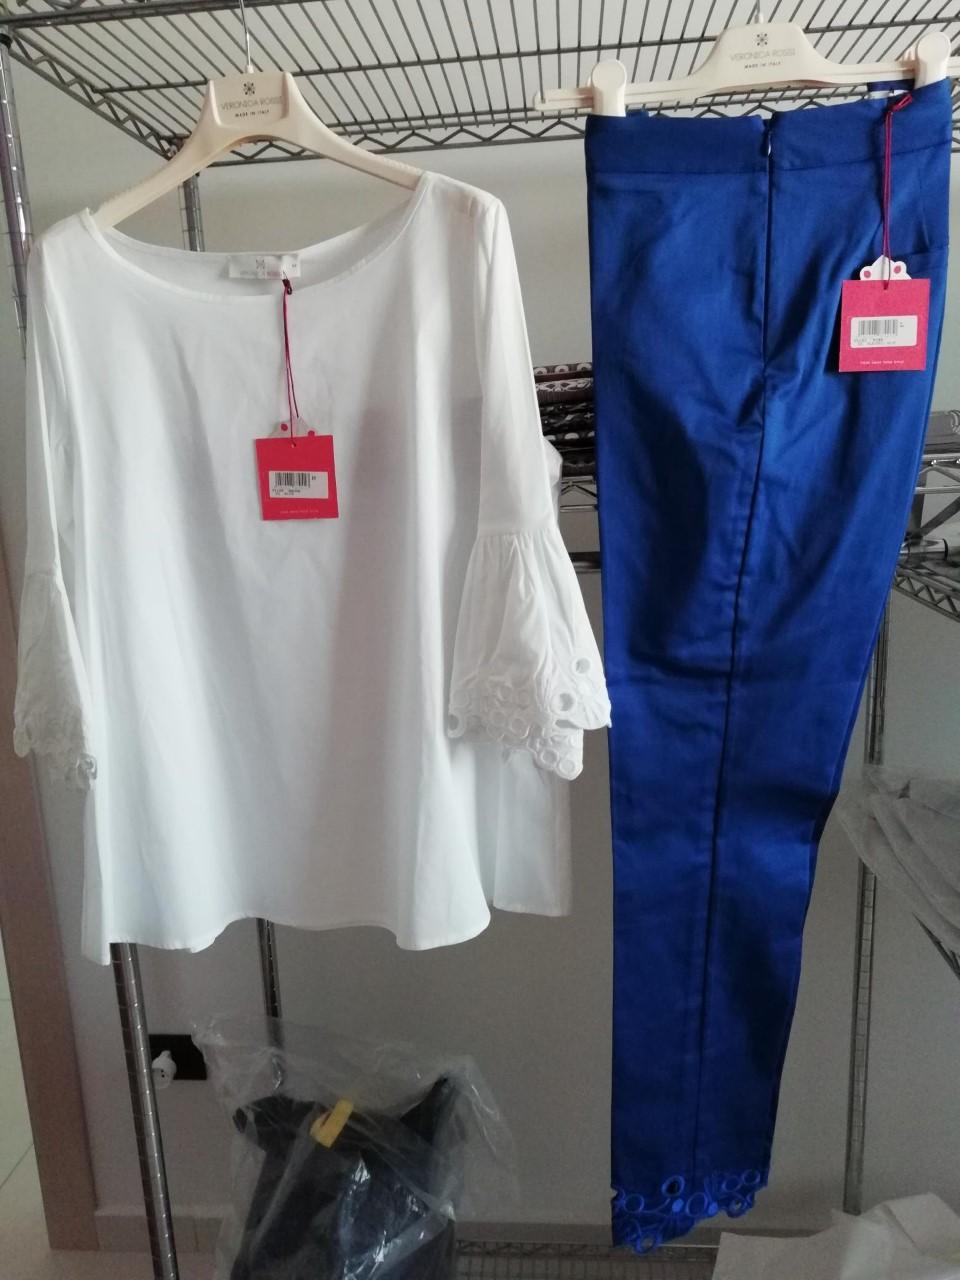 7545ede42c6 Лот 527. Женская фирменная одежда мелким оптом. — ООО